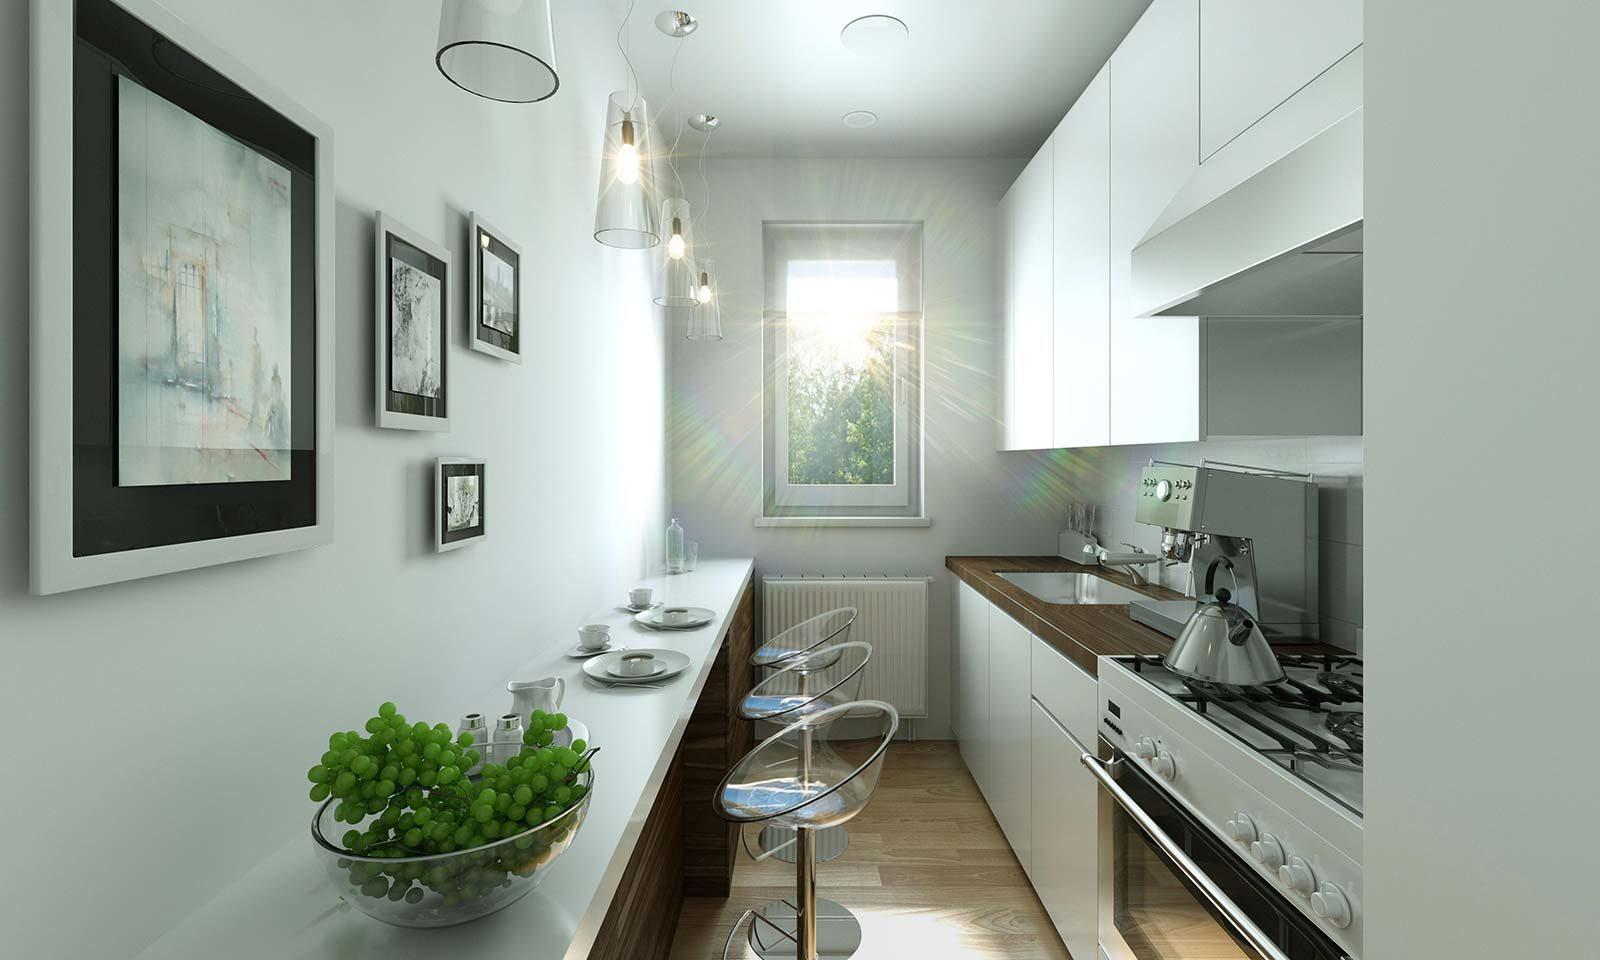 MWG Küche - Architekturvisualisierung Innenraum